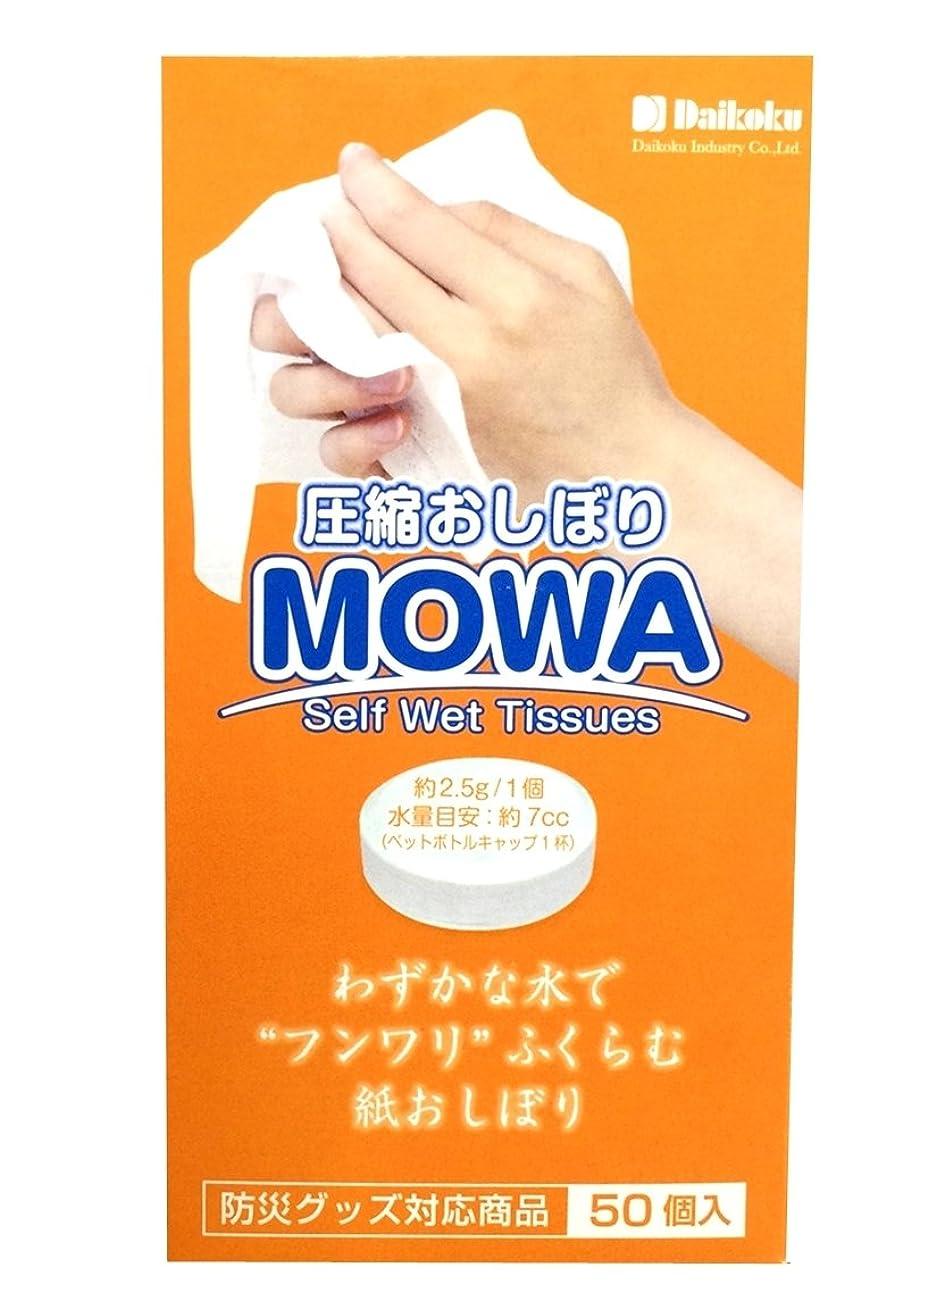 万一に備えて不足マントル大黒工業 圧縮おしぼり MOWA 1箱50個入x4箱セット(合計200個)日本製 MW-5